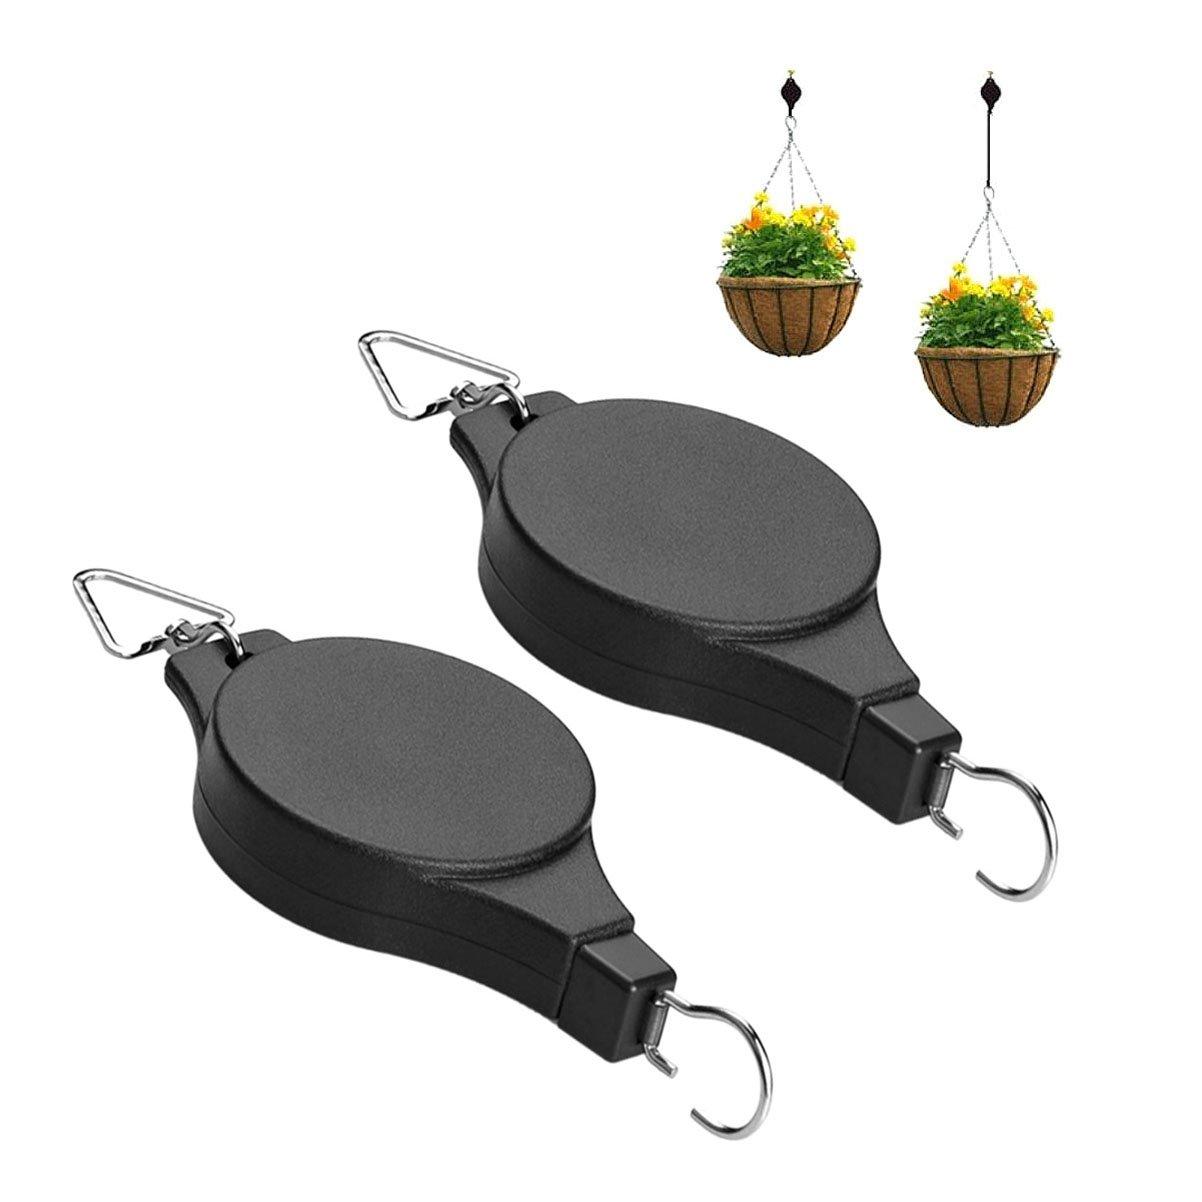 Numblartd 2 Pcs Black Retractable Plant Pulley Flower Basket Hook - Adjustable Telescopic Hook for Hanging Basin Chlorophytum Flower Pot Birdcage - Home Gardening Decoration Supplies